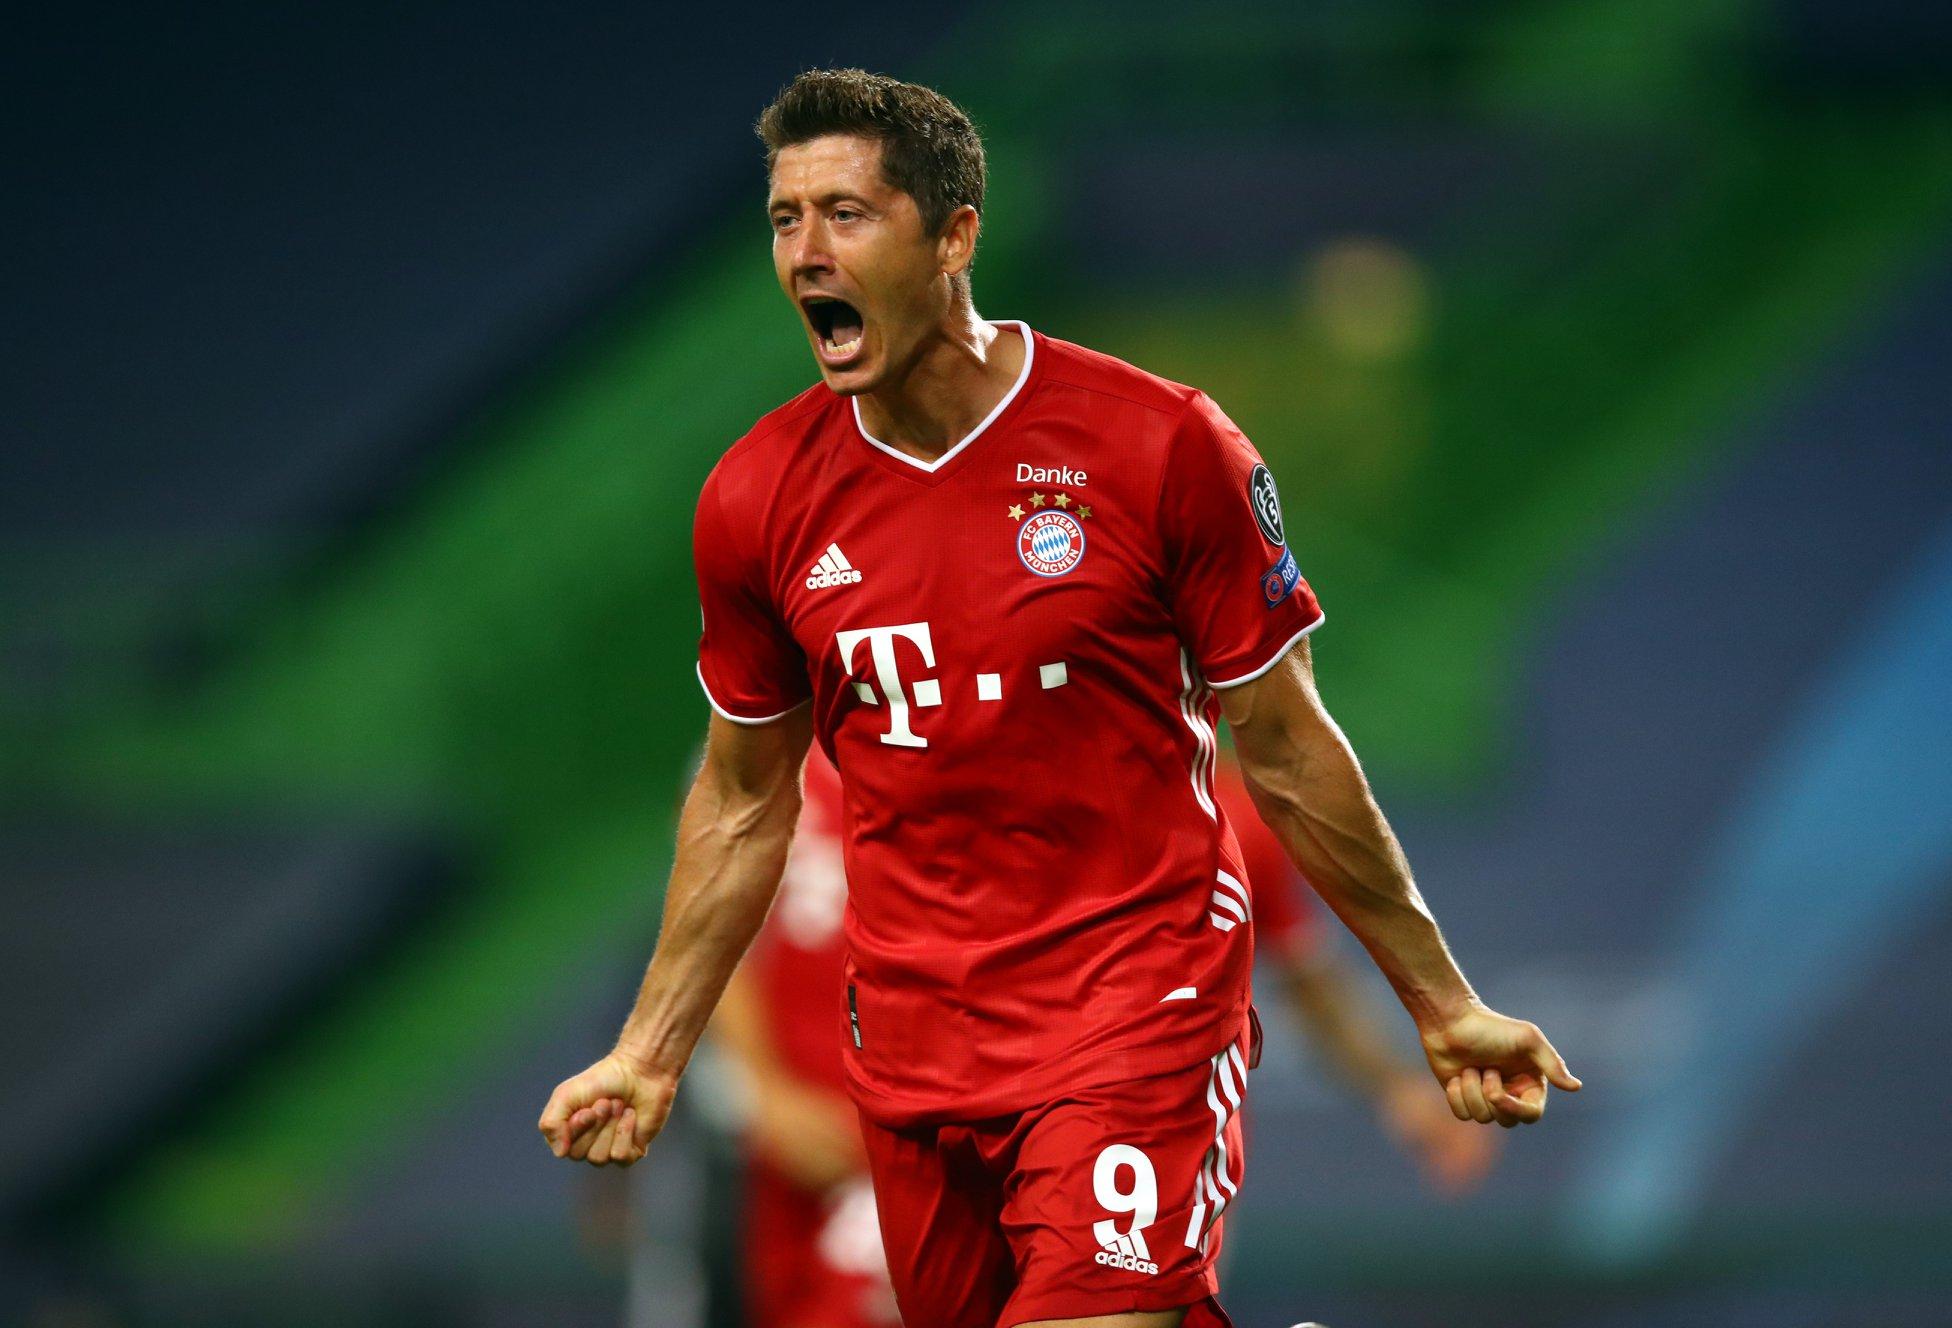 Camisa 9 do Bayern foi artilheiro e campeão da última Liga dos Campeões. Foto: Facebook/Reprodução